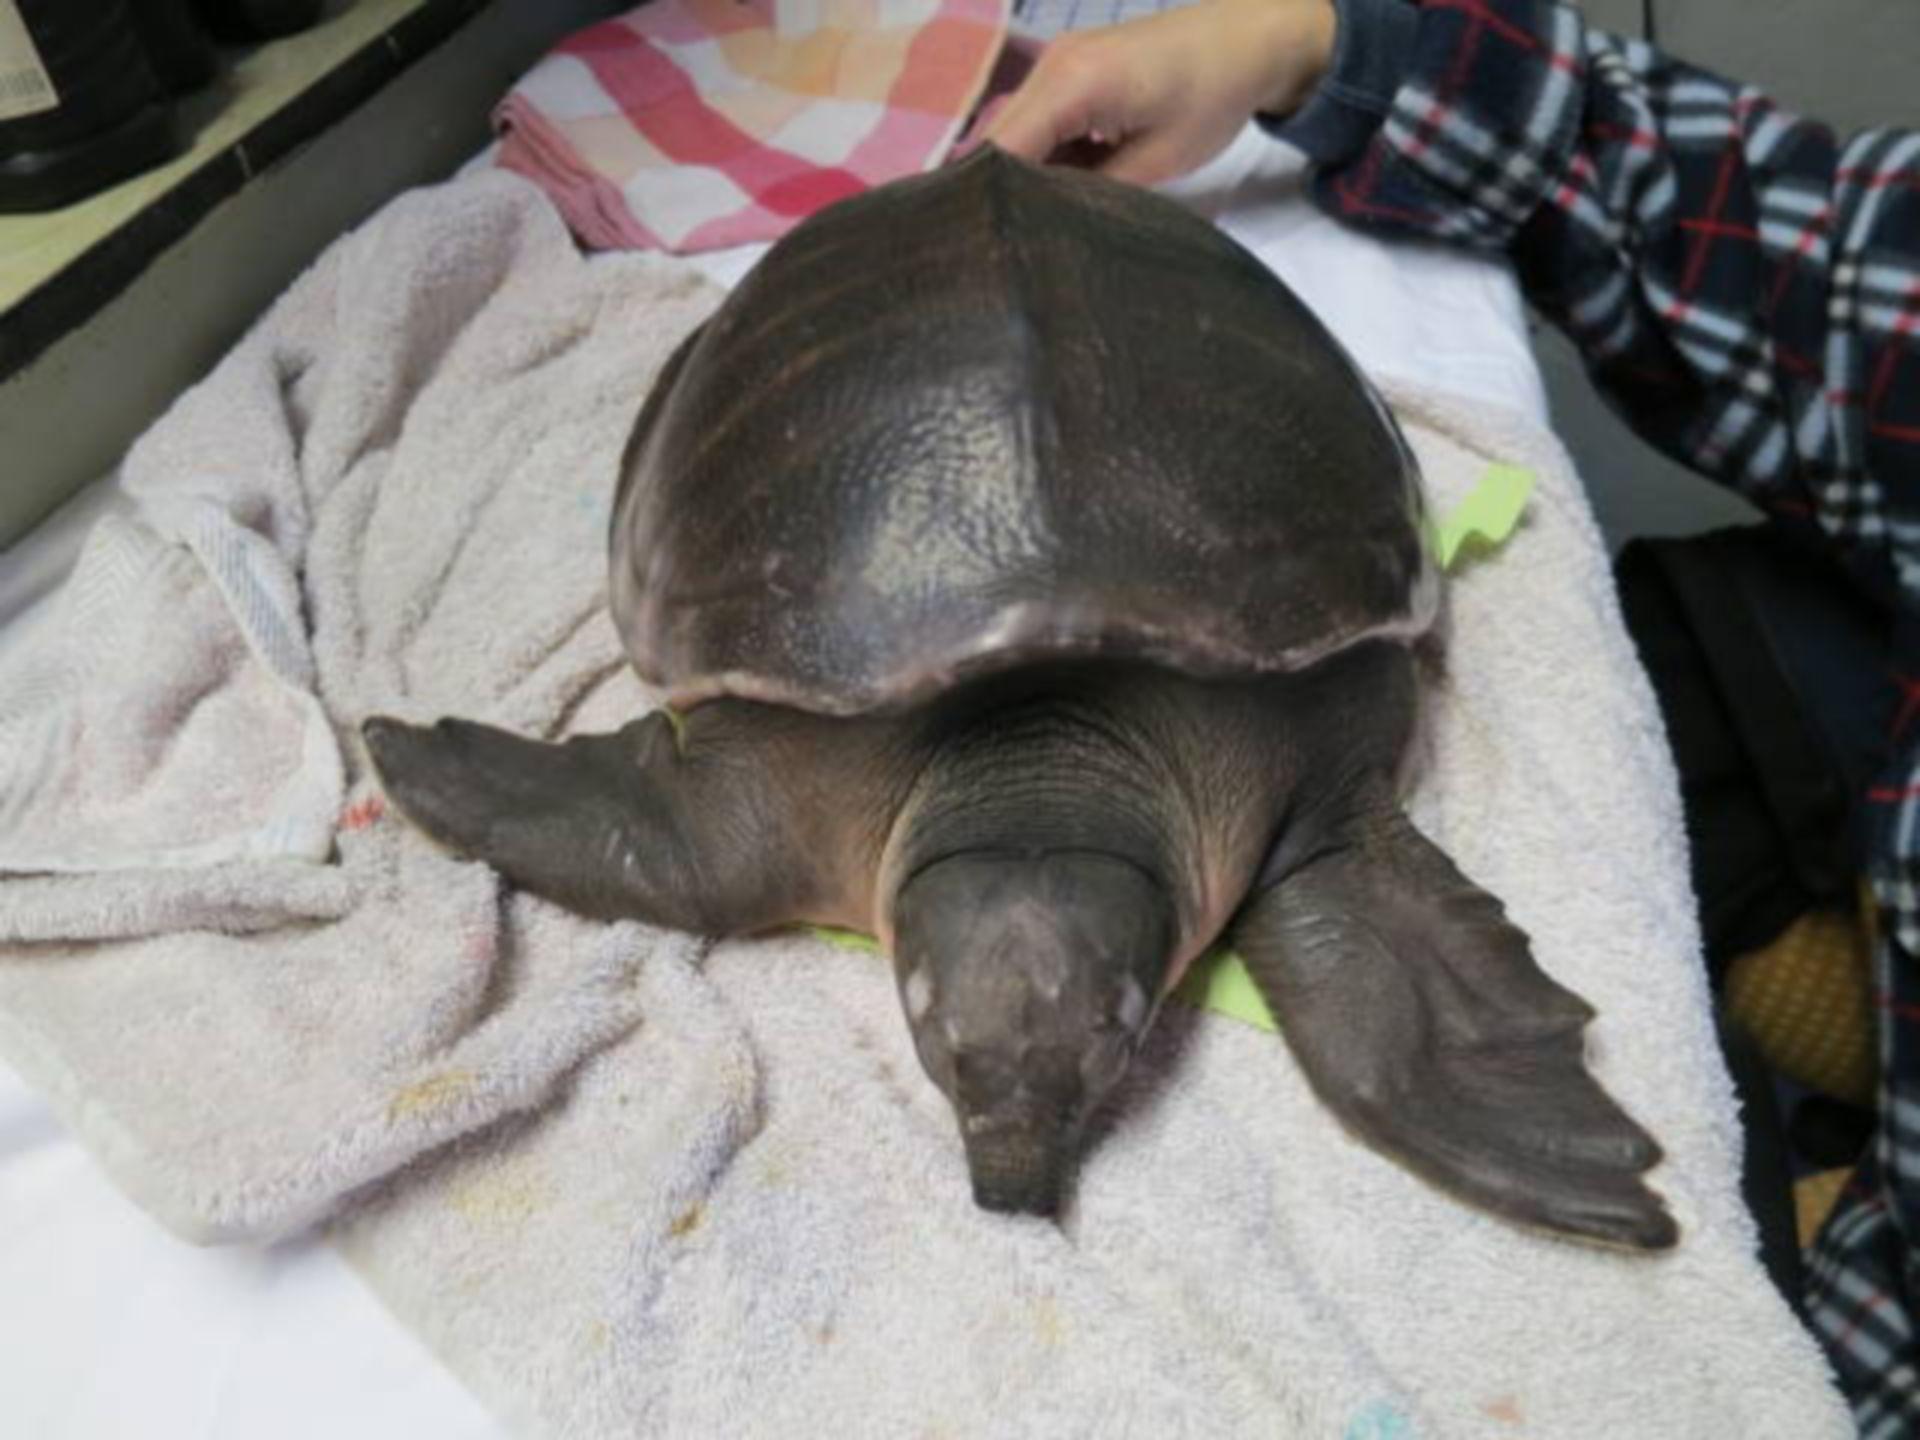 Daños en una tortuga de caparazón blando 5